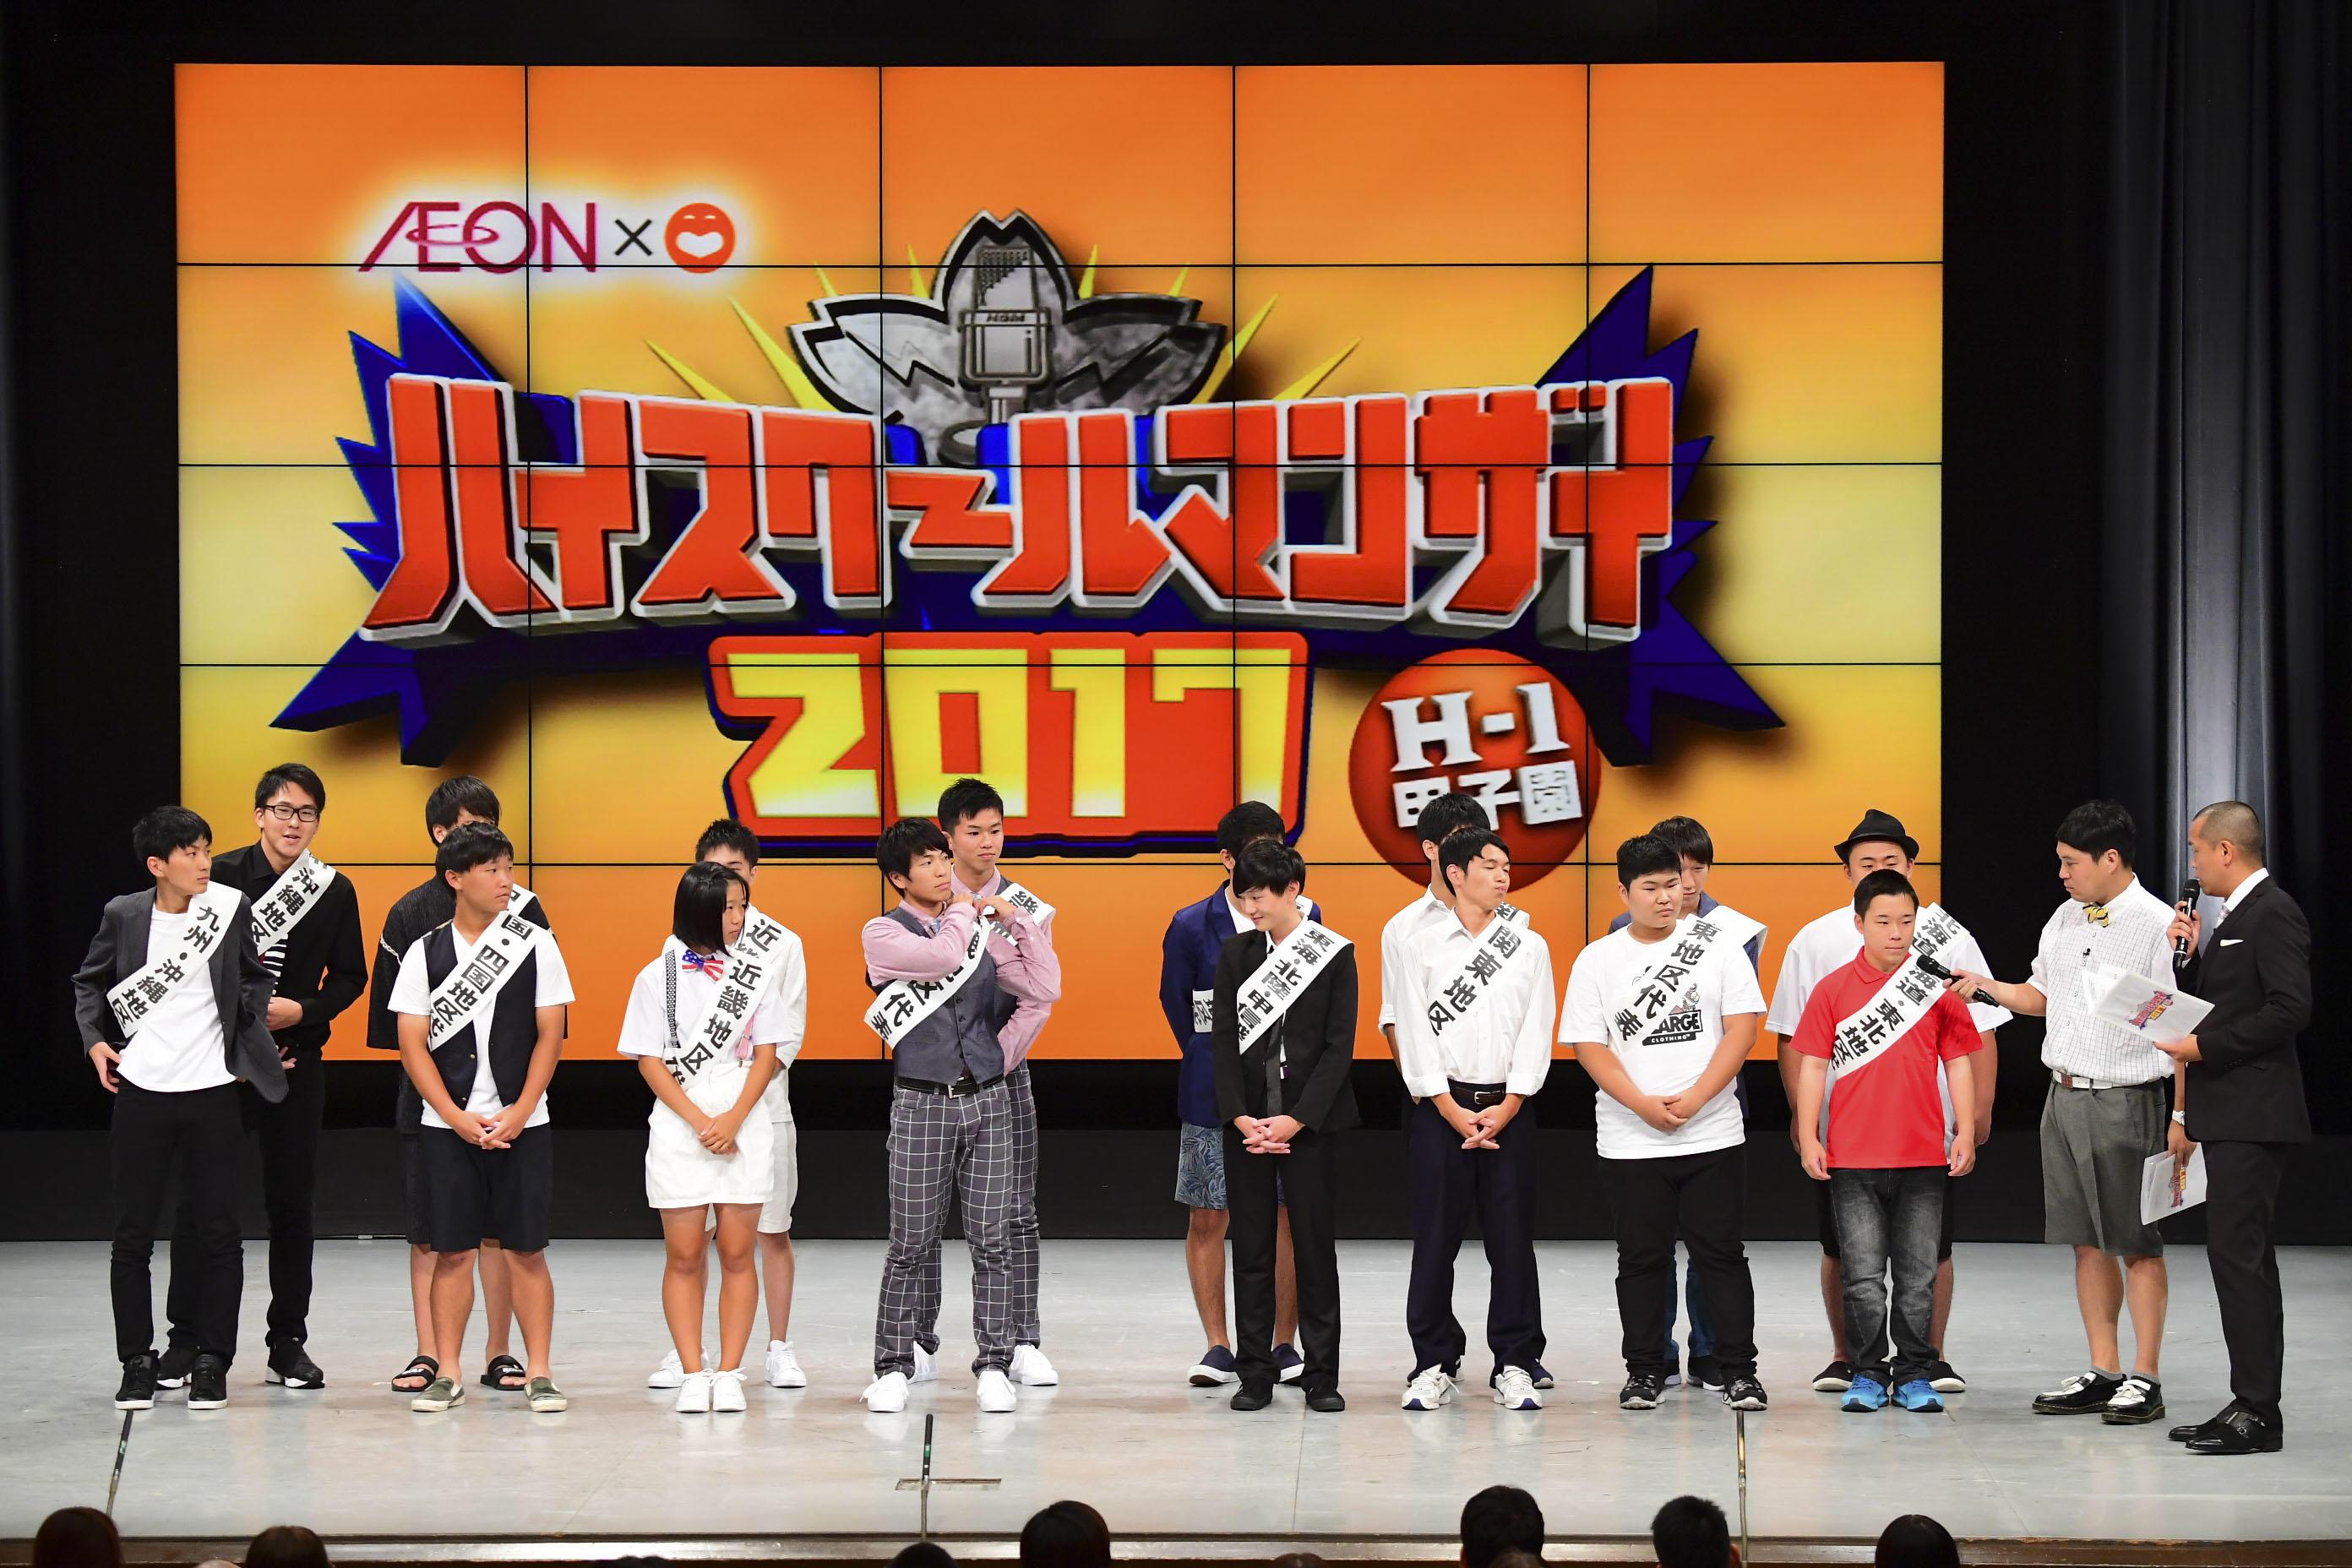 http://news.yoshimoto.co.jp/20170830150023-a4aa8bf38a630718a9bd5bb87899dca1840b2c10.jpg